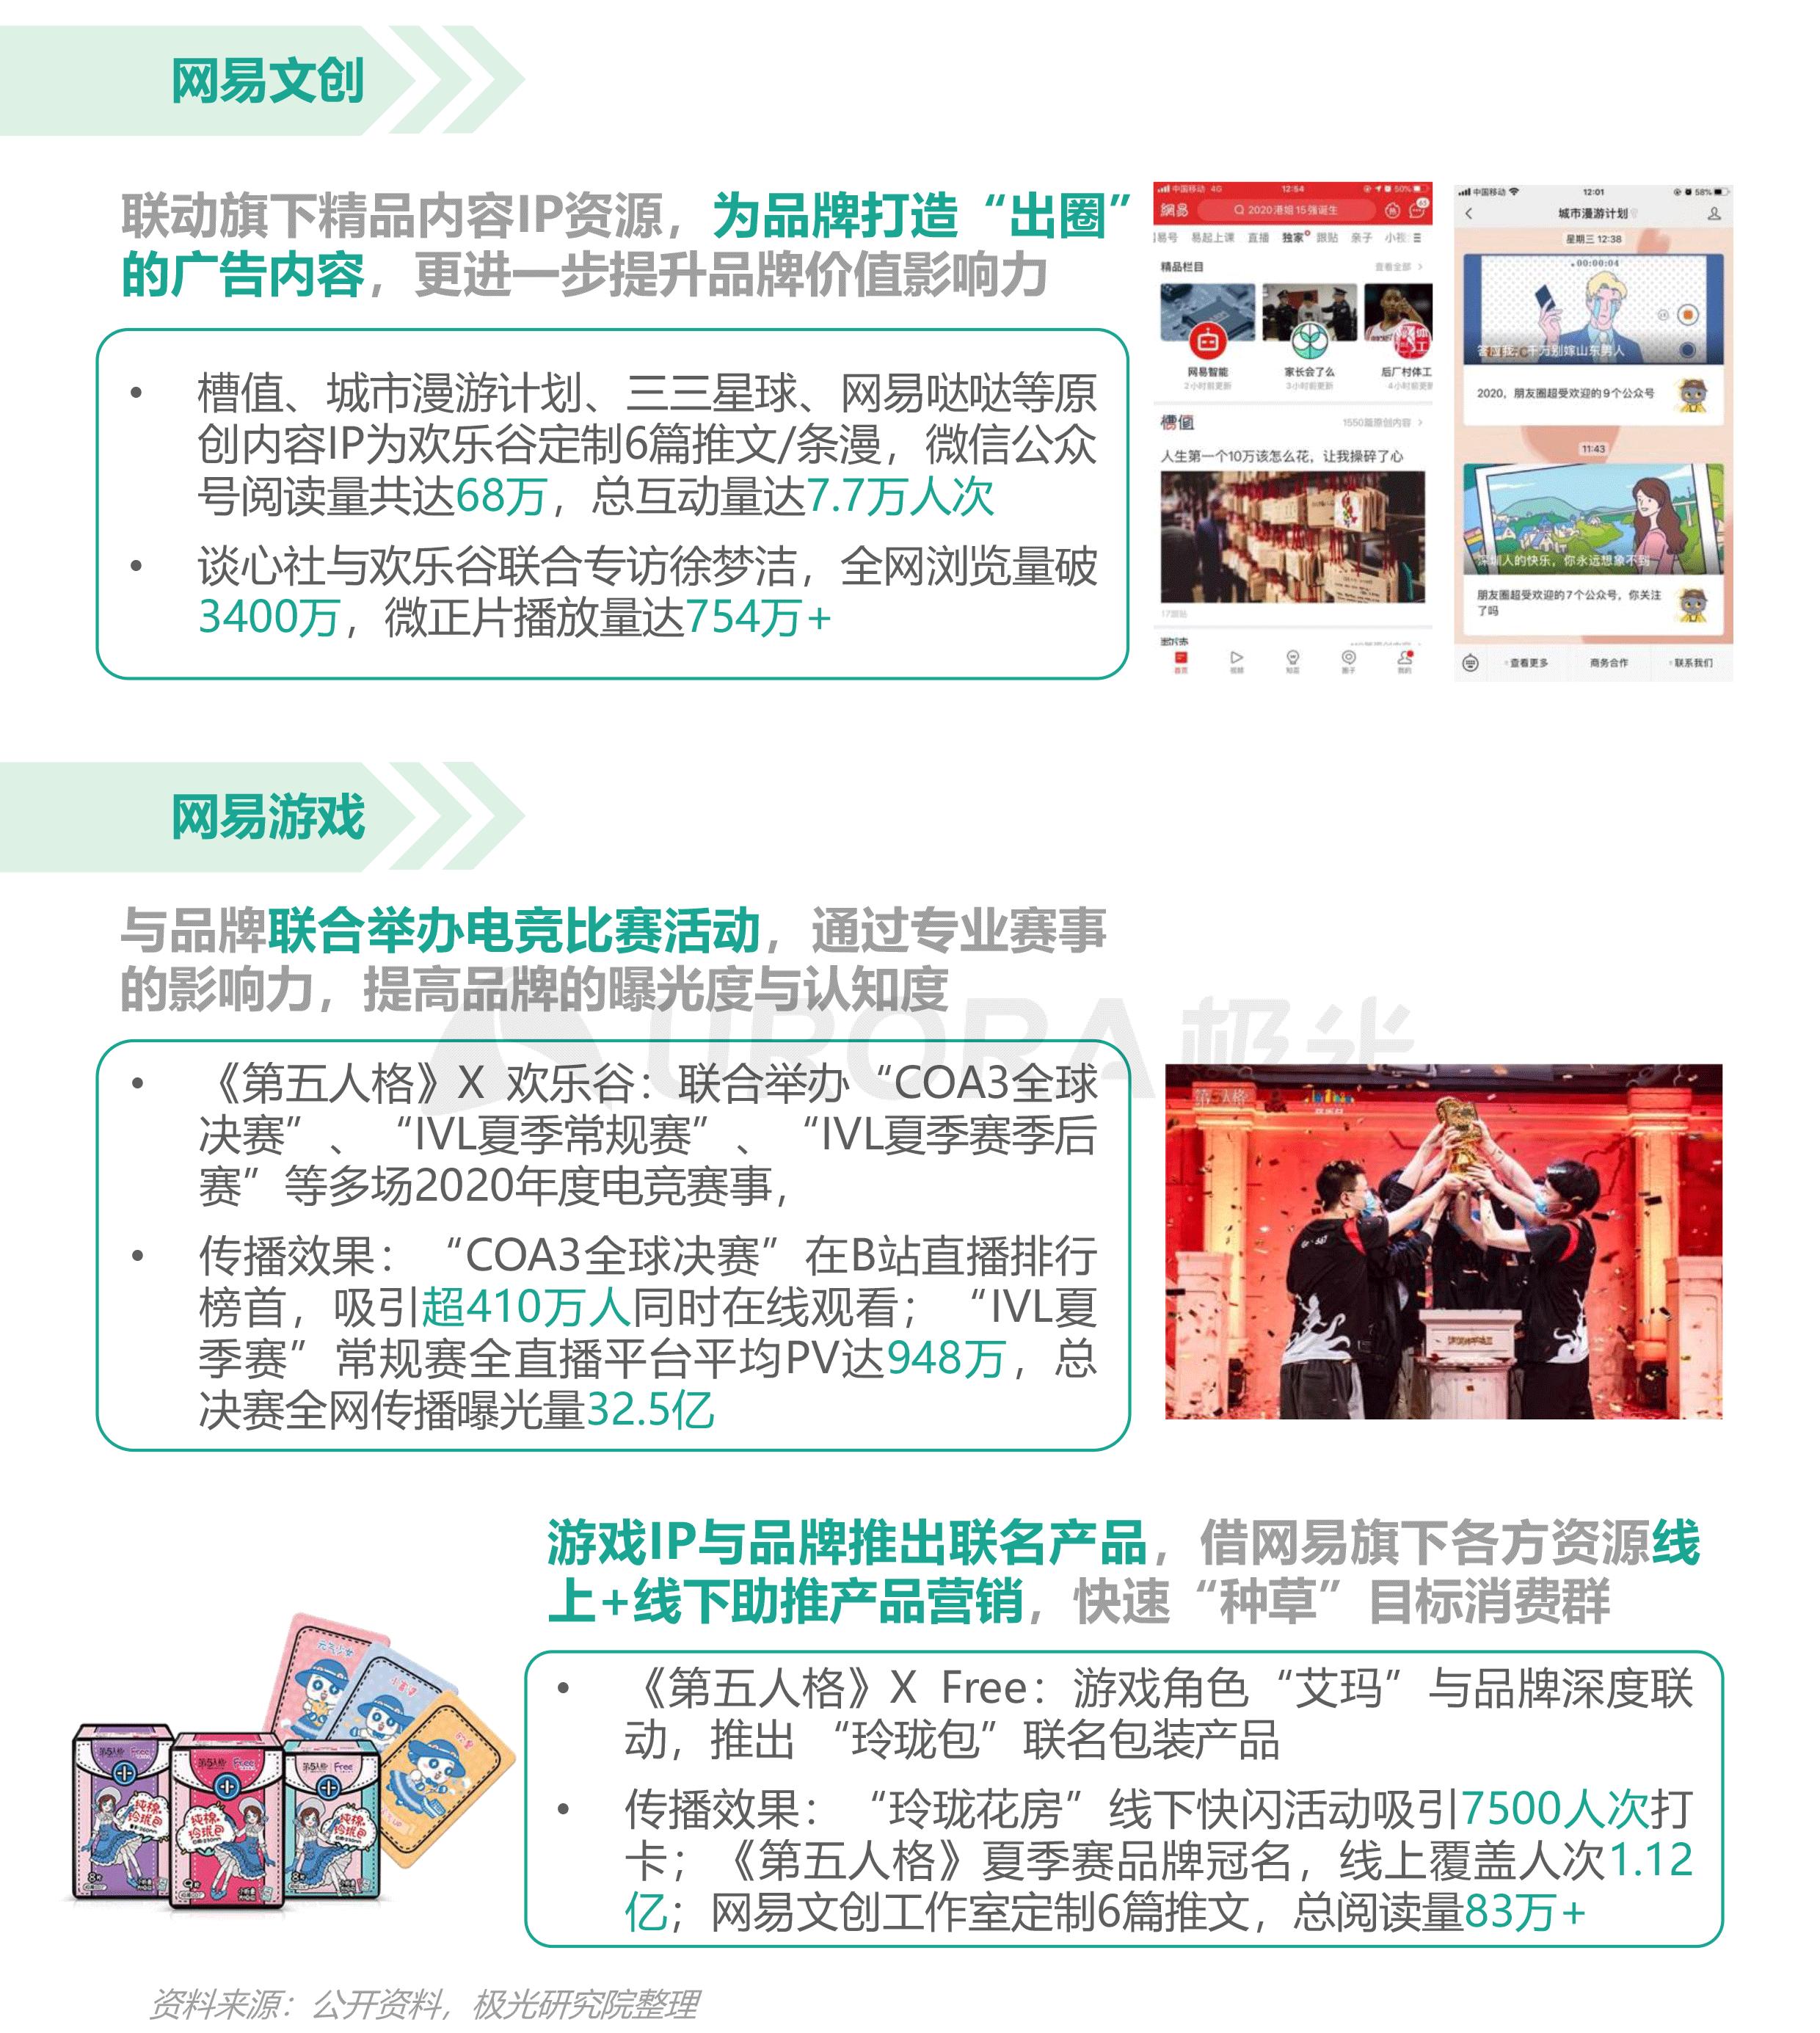 2021年轻人营销趋势研究报告【定稿】-44.png